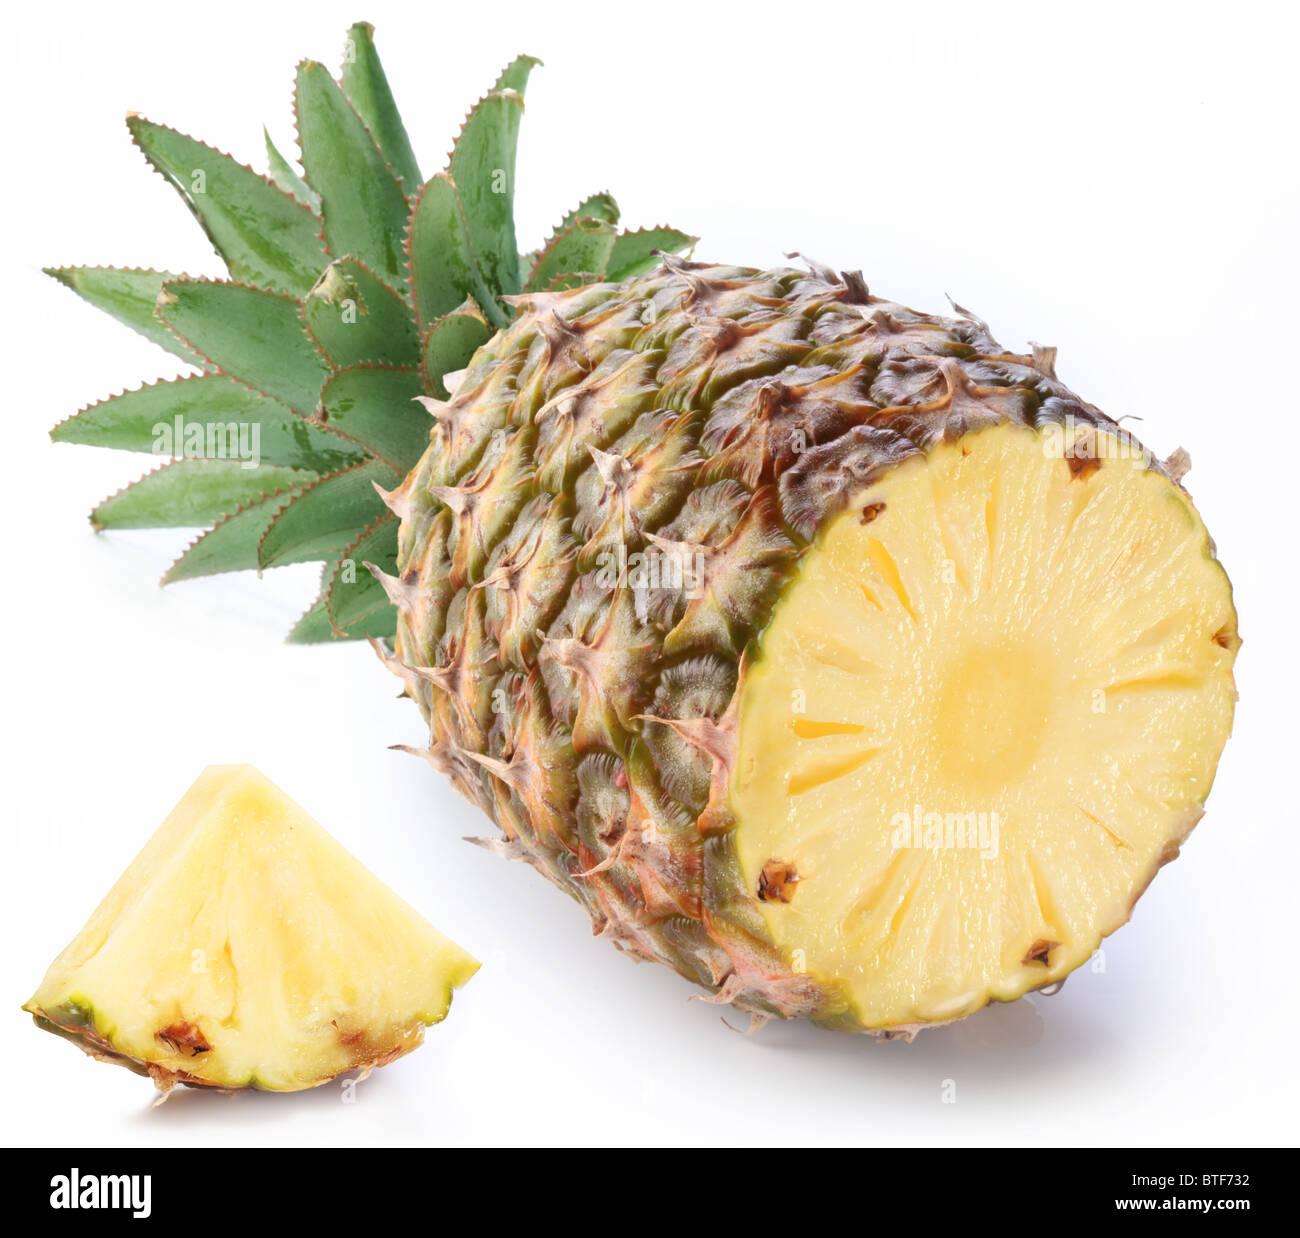 Tagliare ananas maturo con rich green rosette. Isolato su un bianco. Immagini Stock